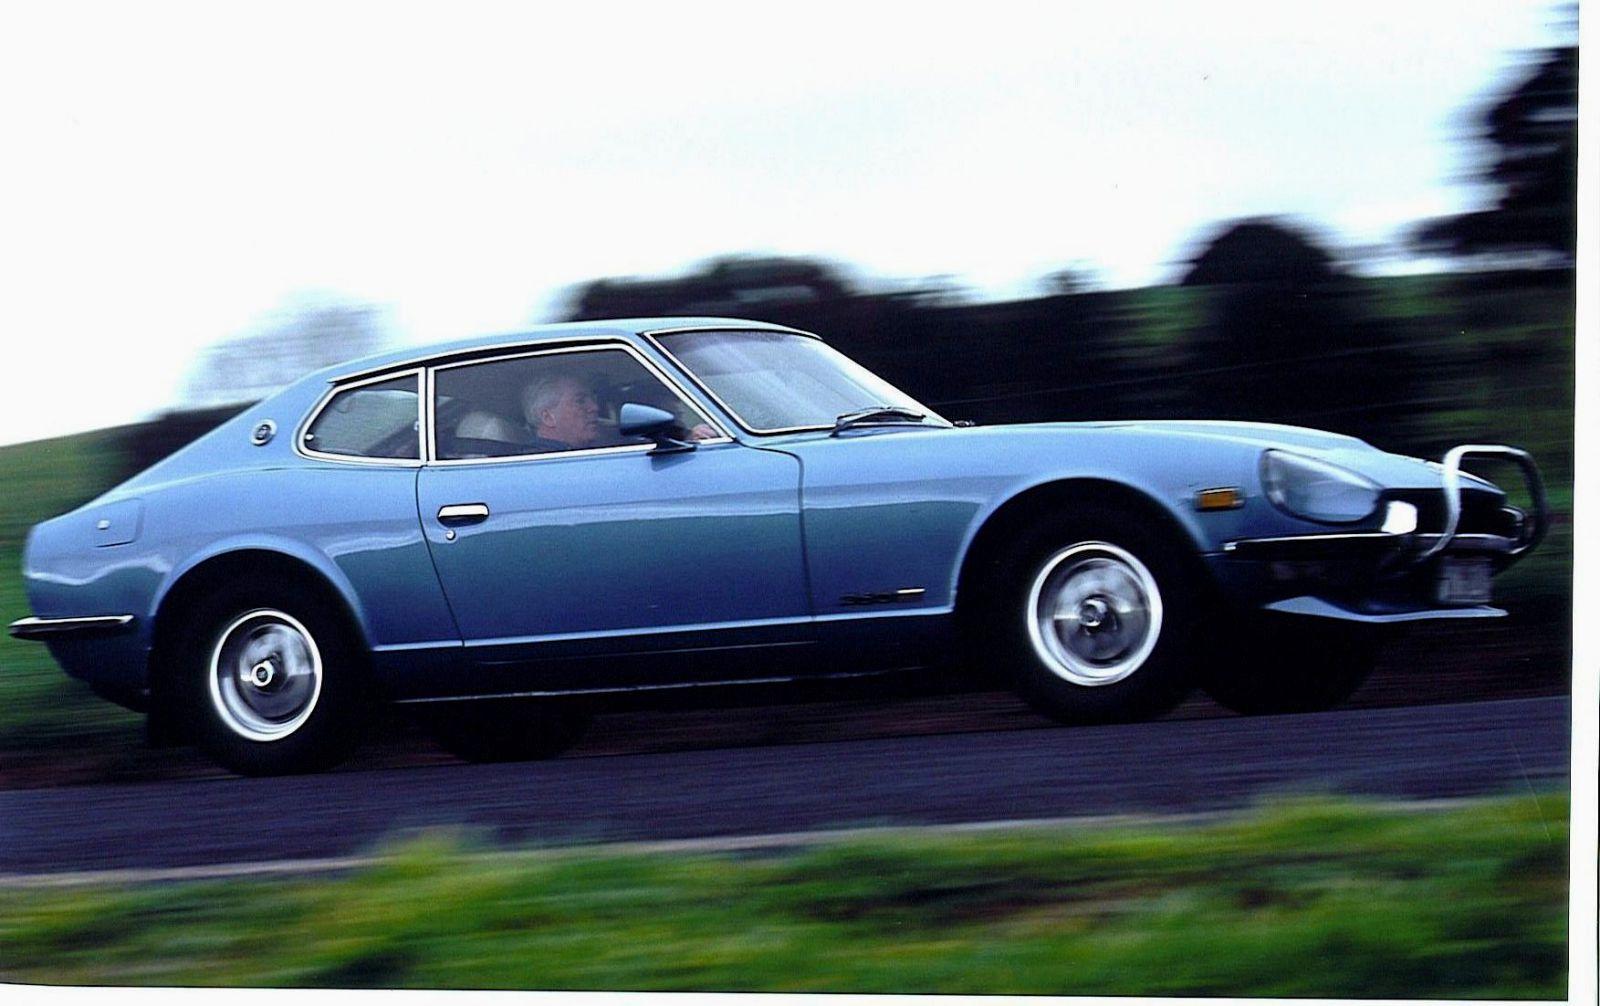 260Z 2+2 5 speed 1977